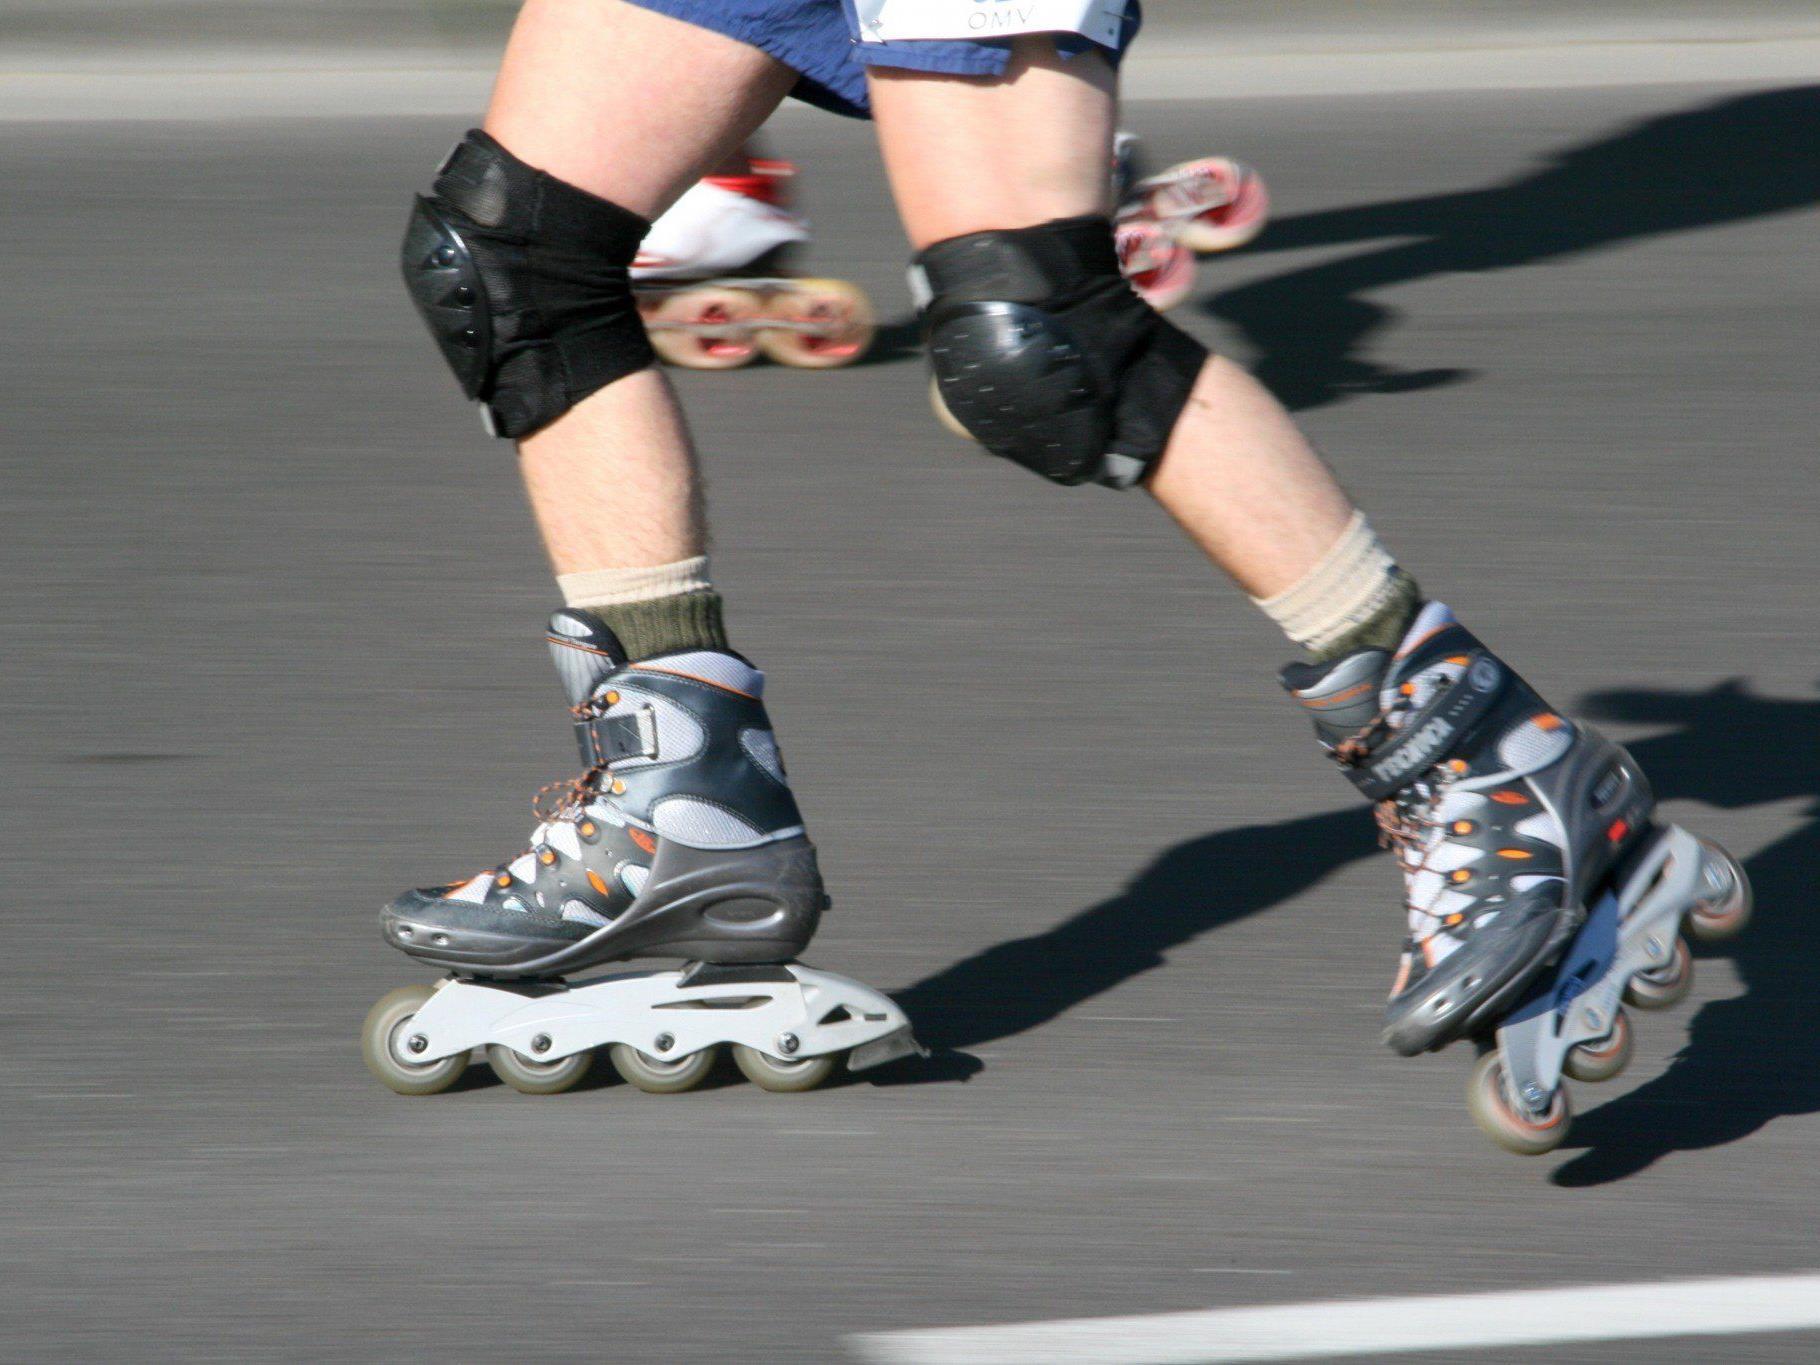 Inline-Skating: In Wien ein gerne betriebener Freizeit-Spaß